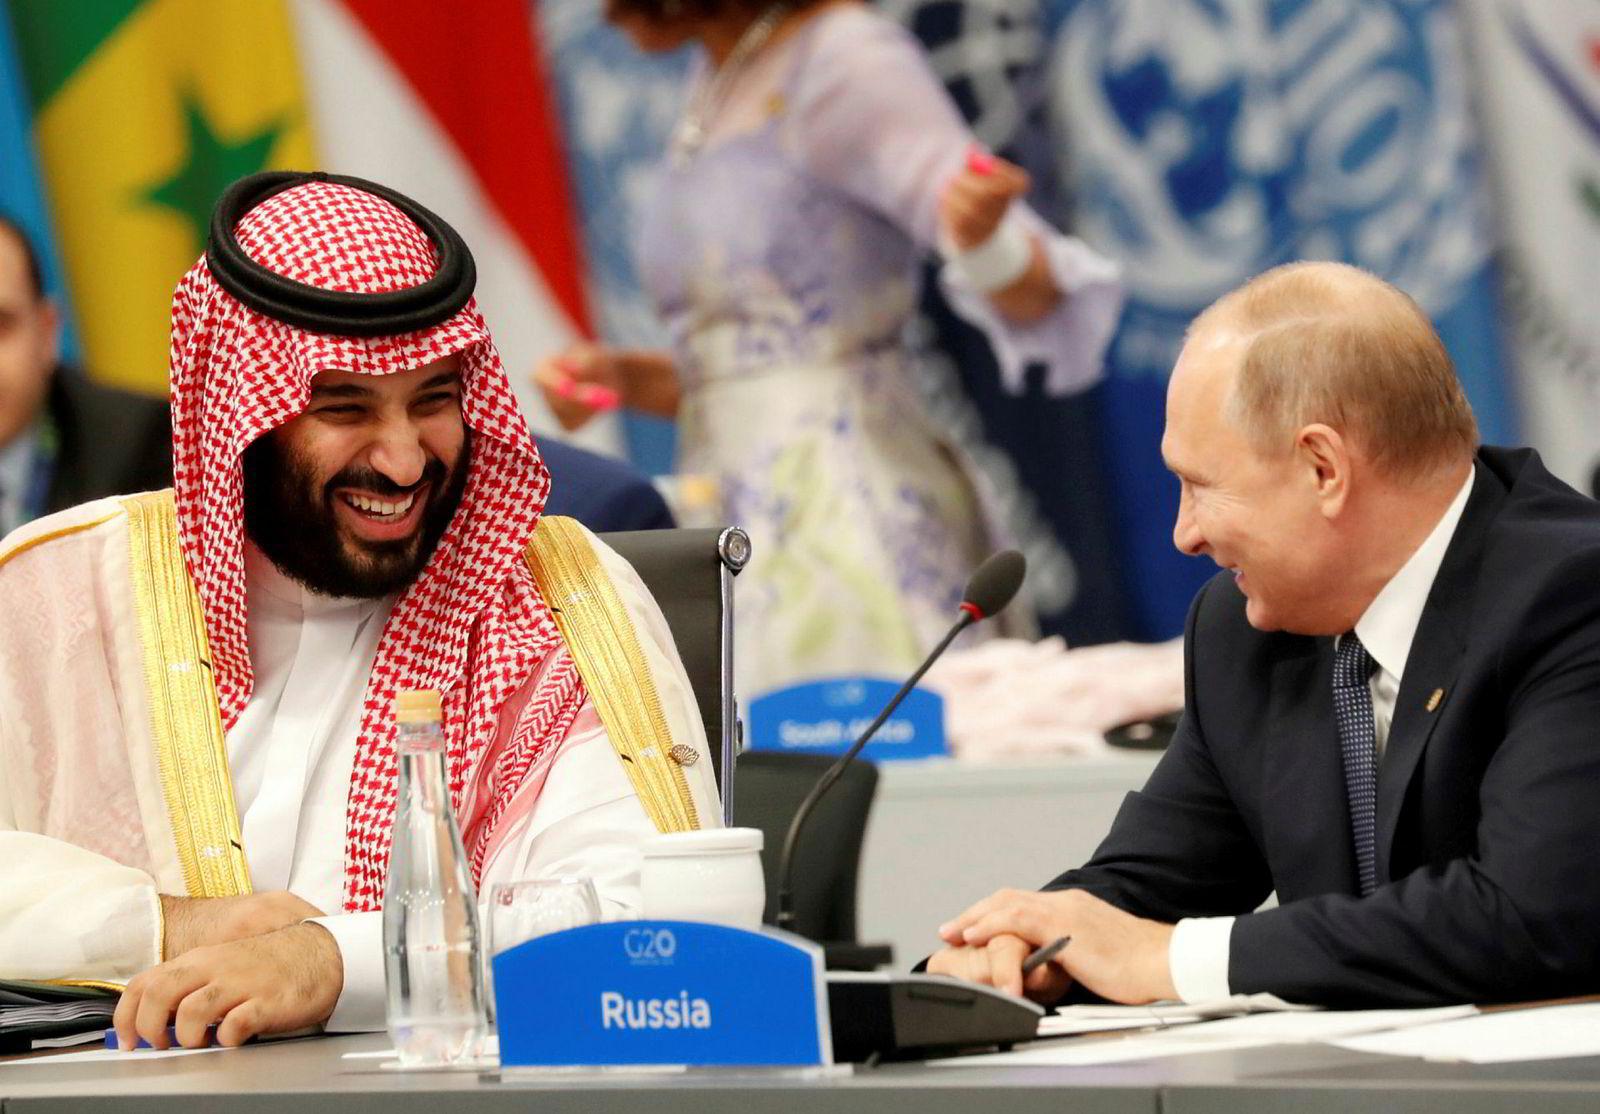 Saudi-Arabias kronprins Mohammad Bin Salman og Russlands president Vladimir Putin spiller hovedrollen i dramaet som nå har ført til kraftig oljeprisfall.